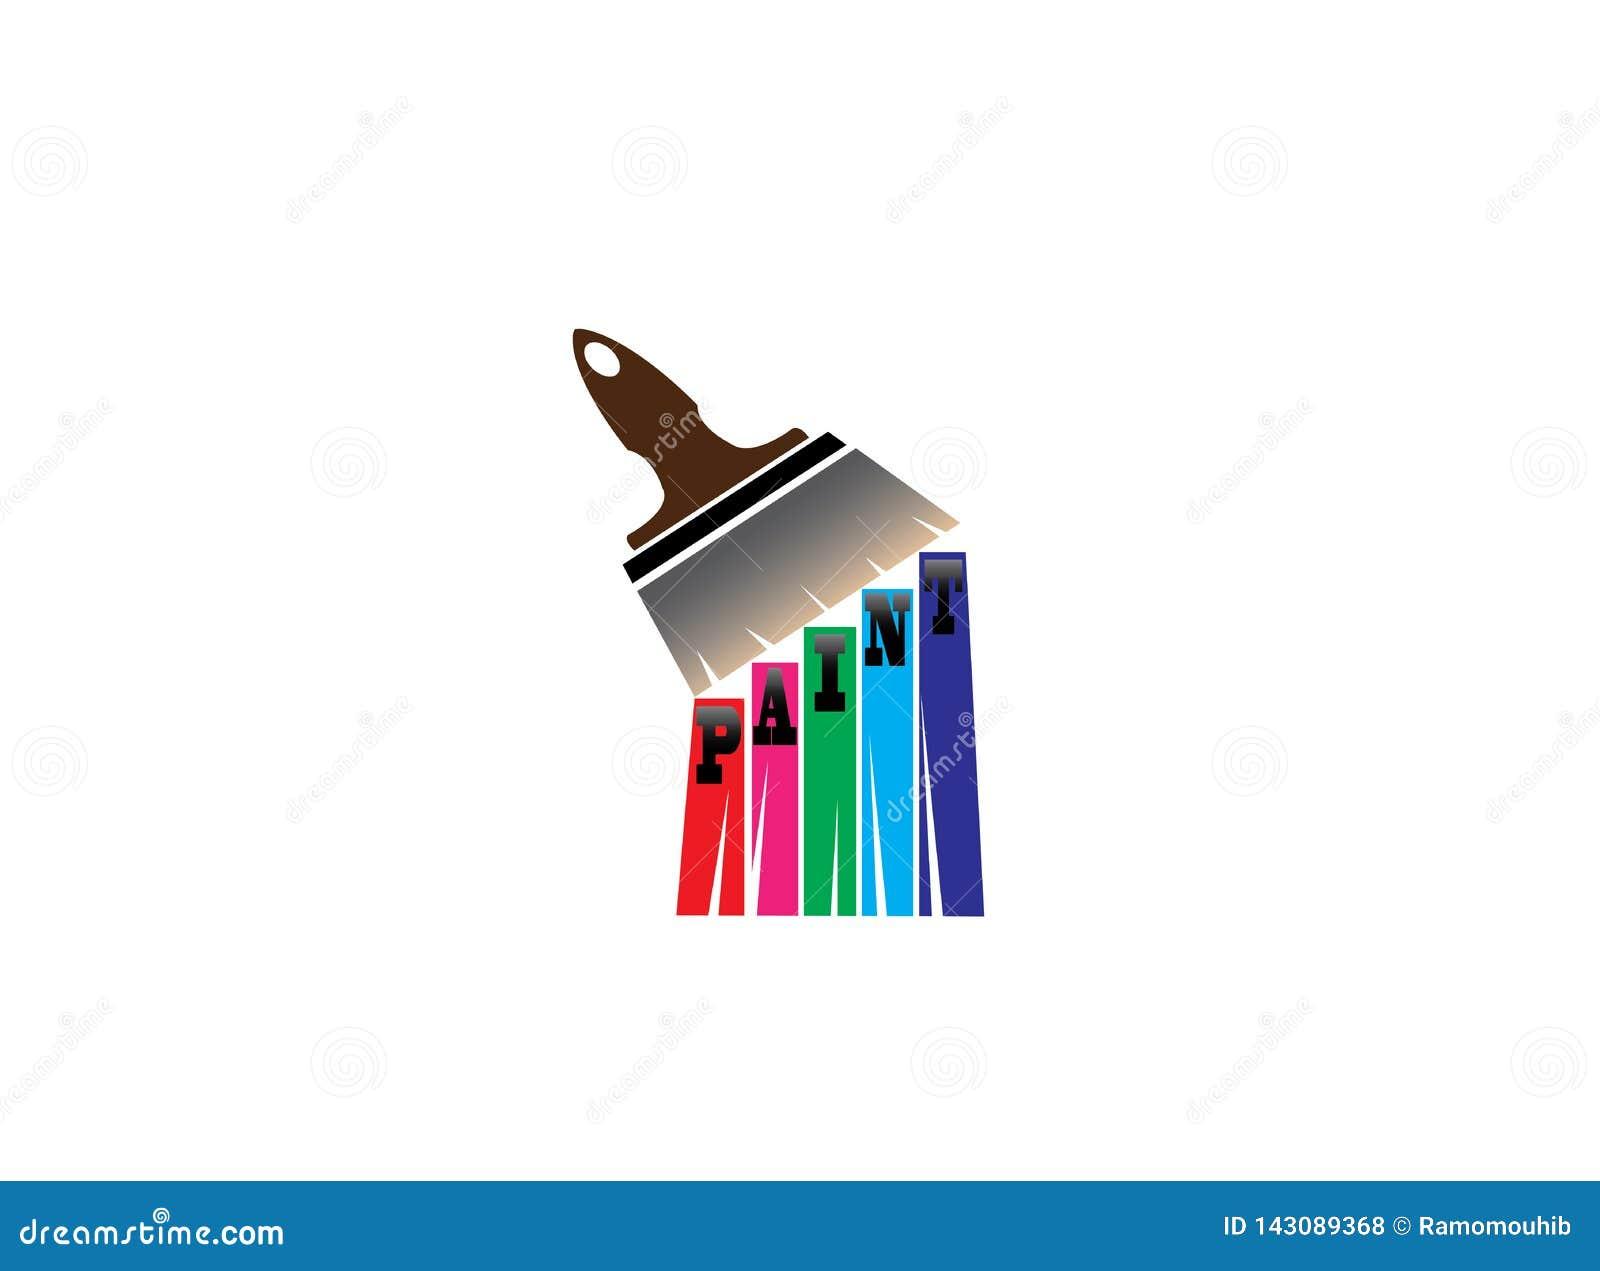 Cepille la pintura con los multicolors para el diseño del logotipo